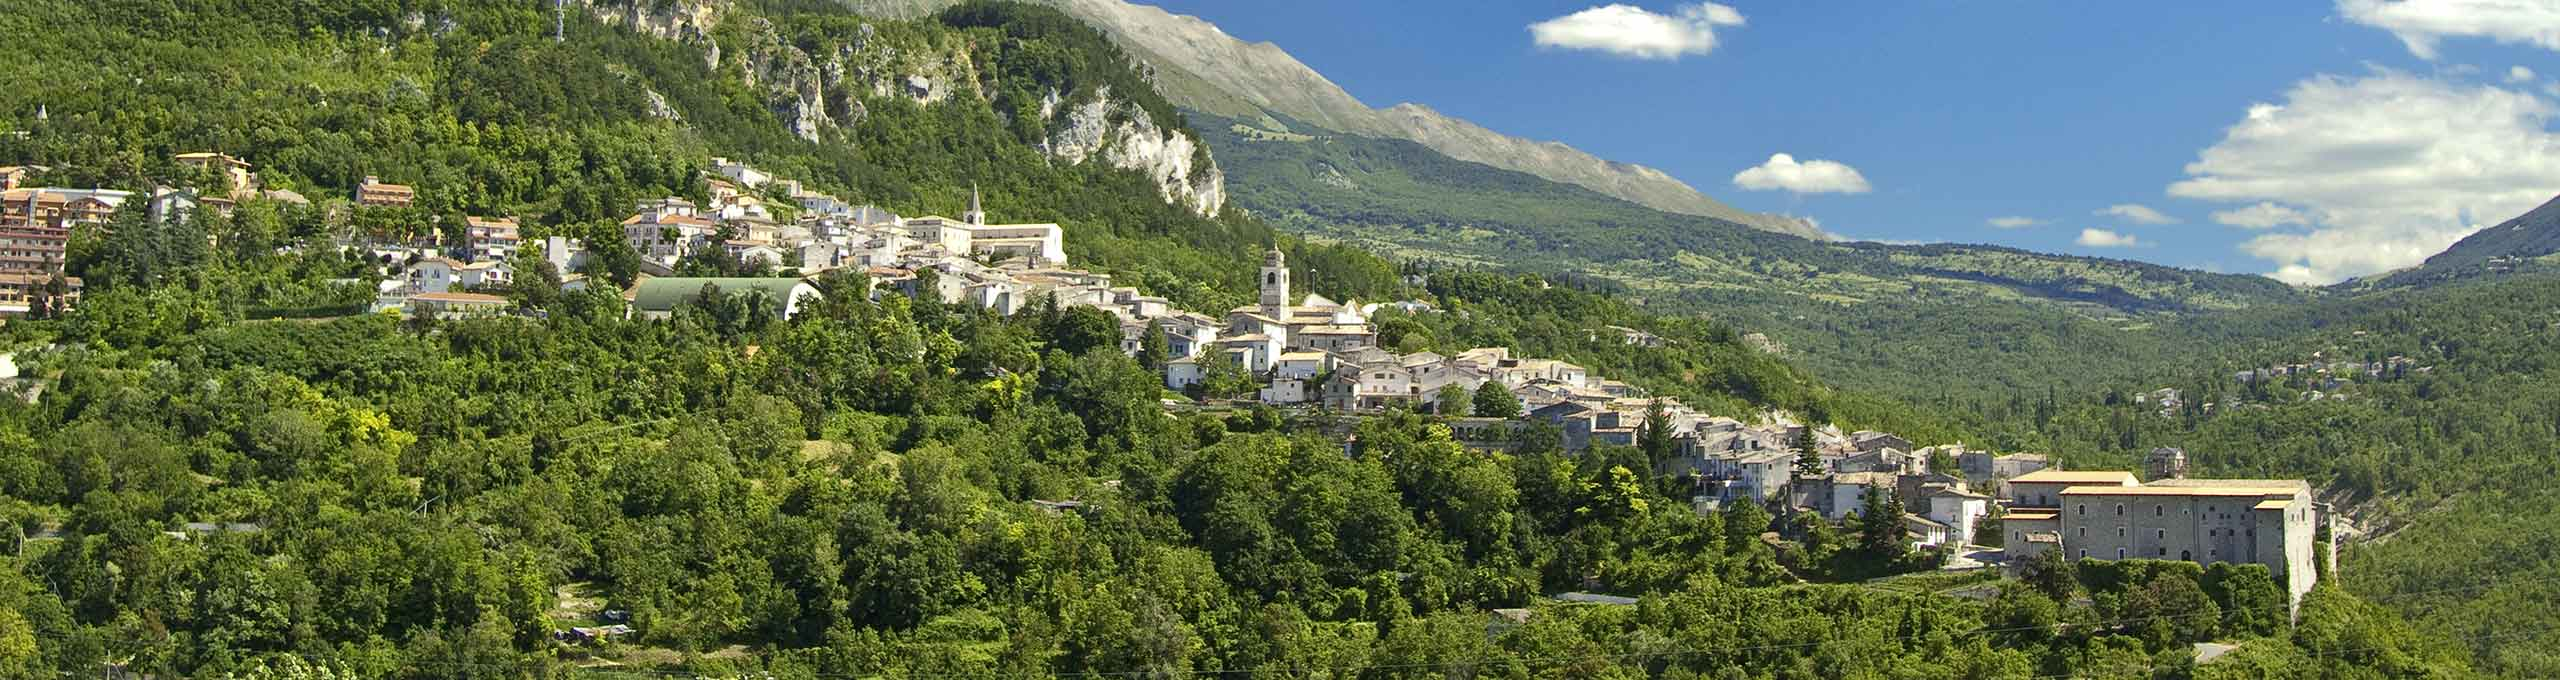 Caramanico Terme, Parco Nazionale della Majella, Abruzzo